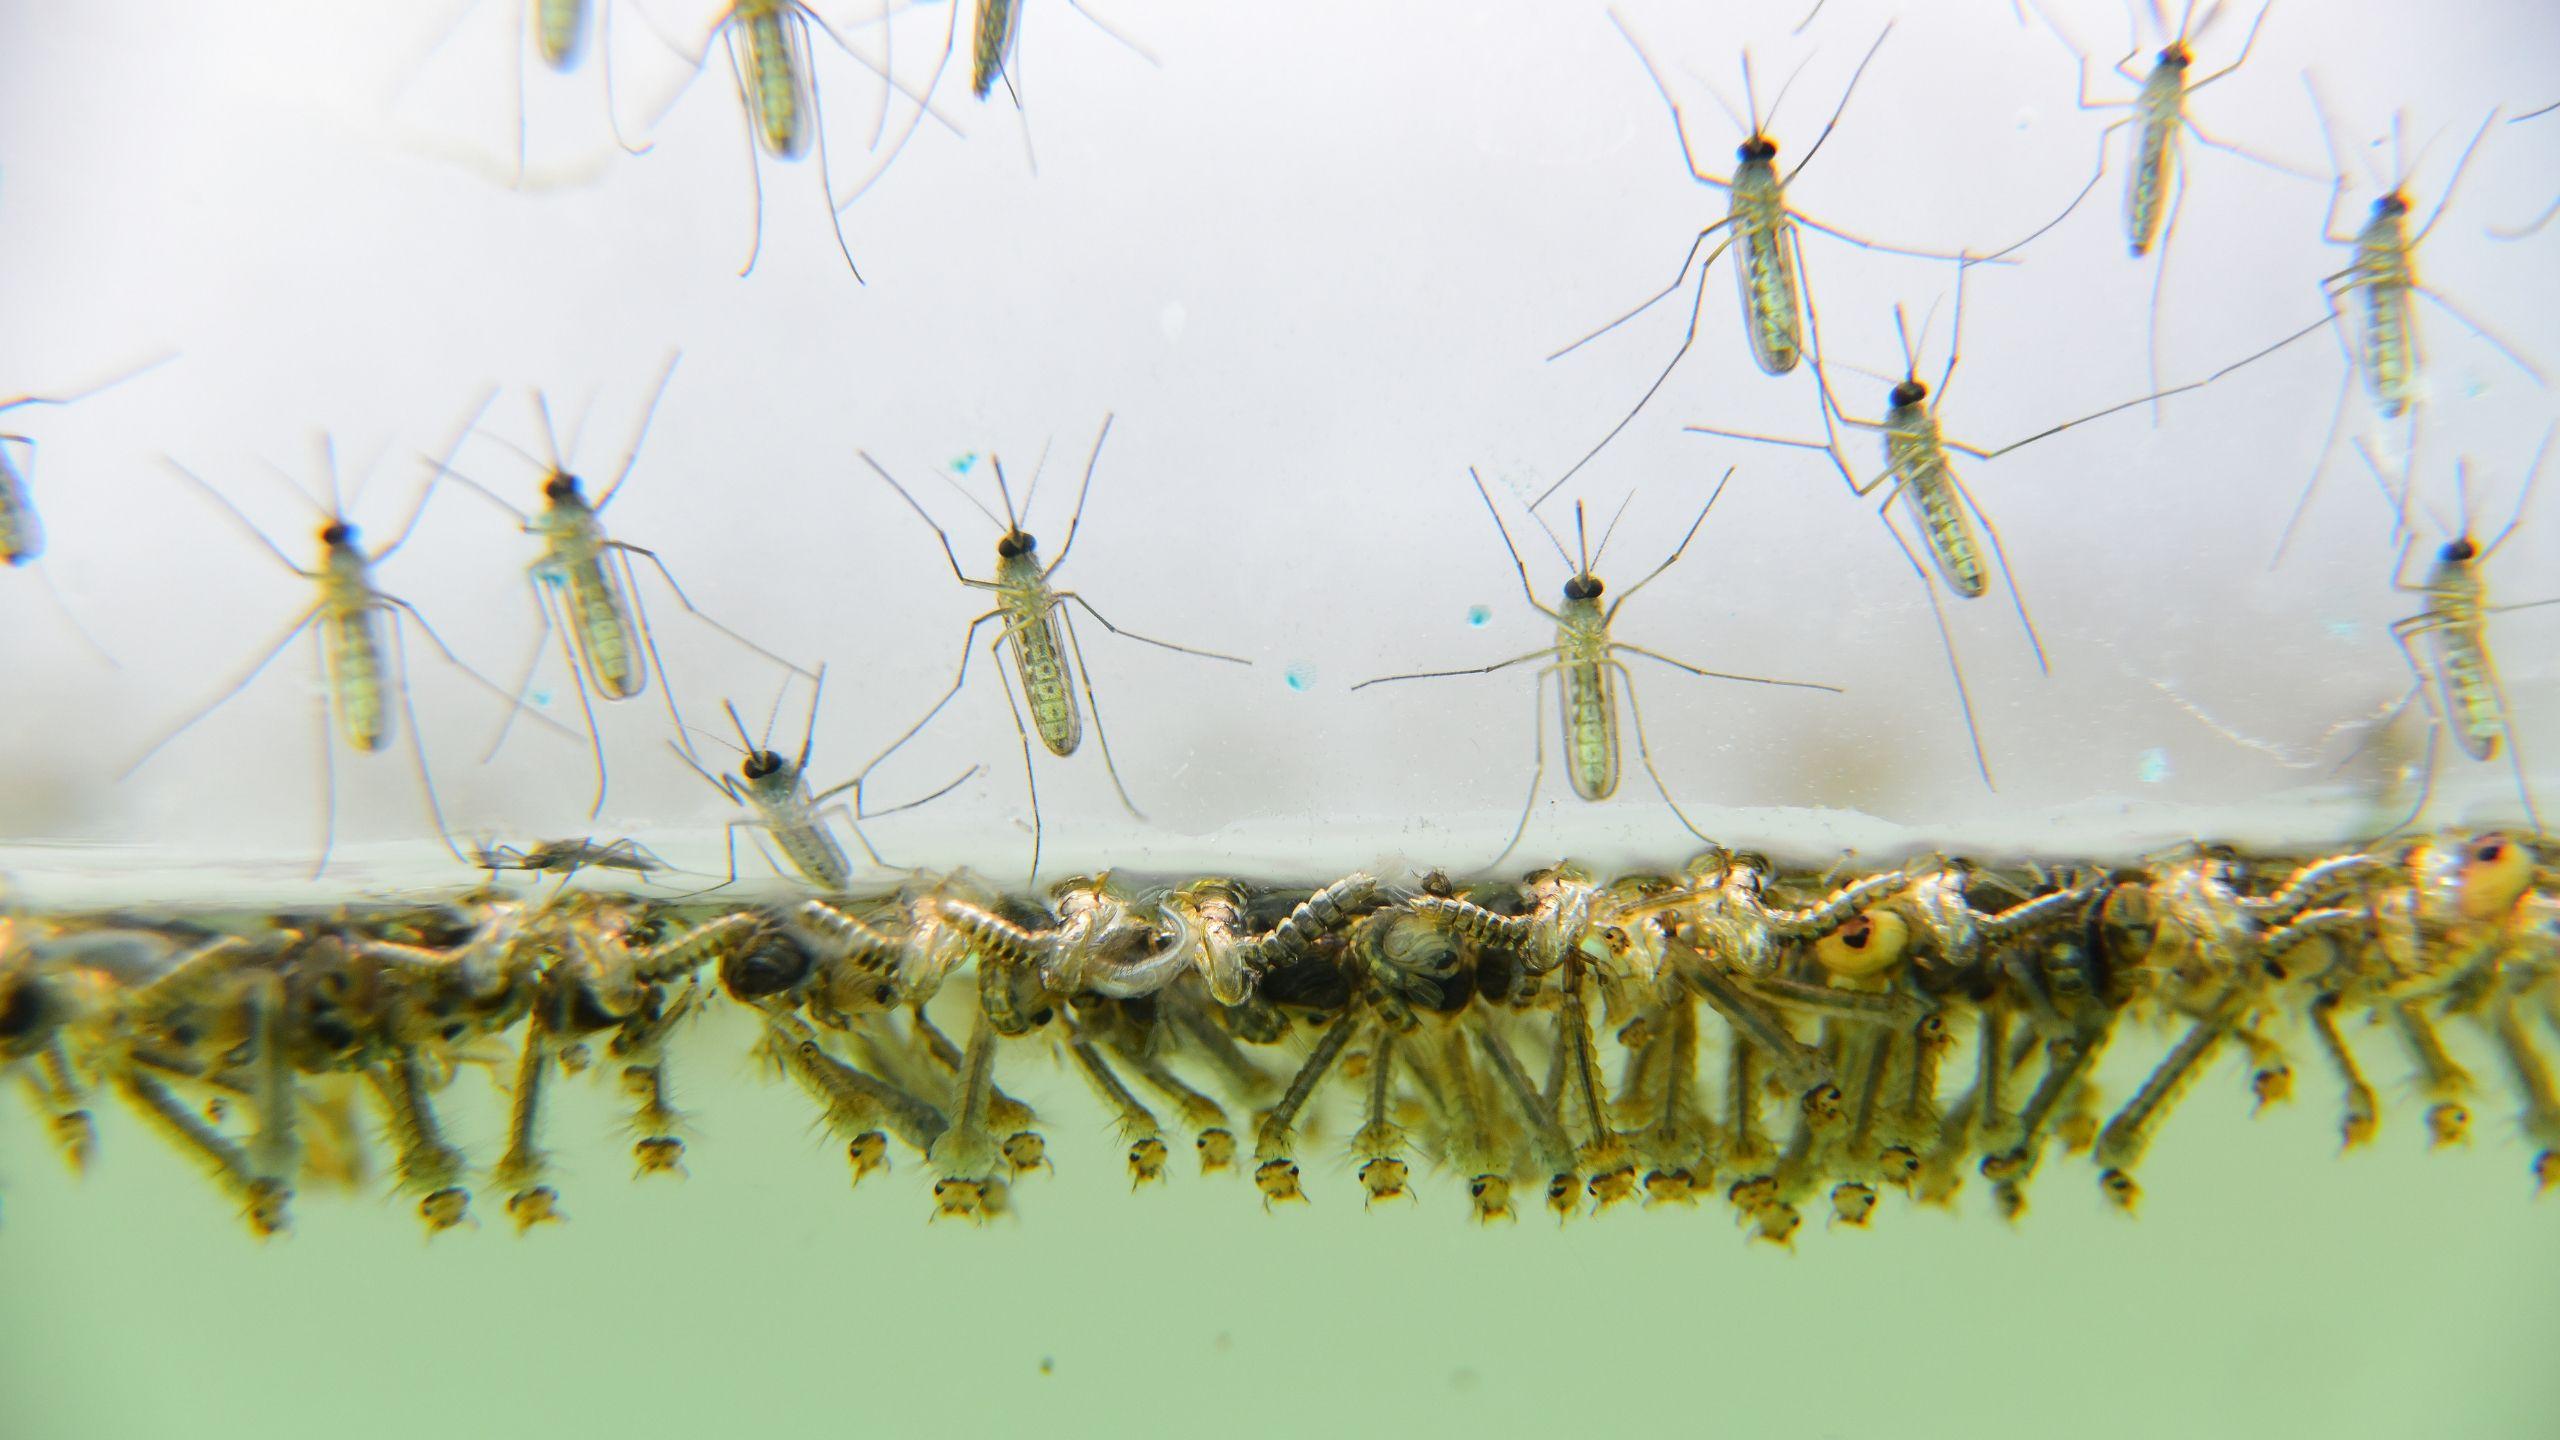 Mosquito Larvae Emerging